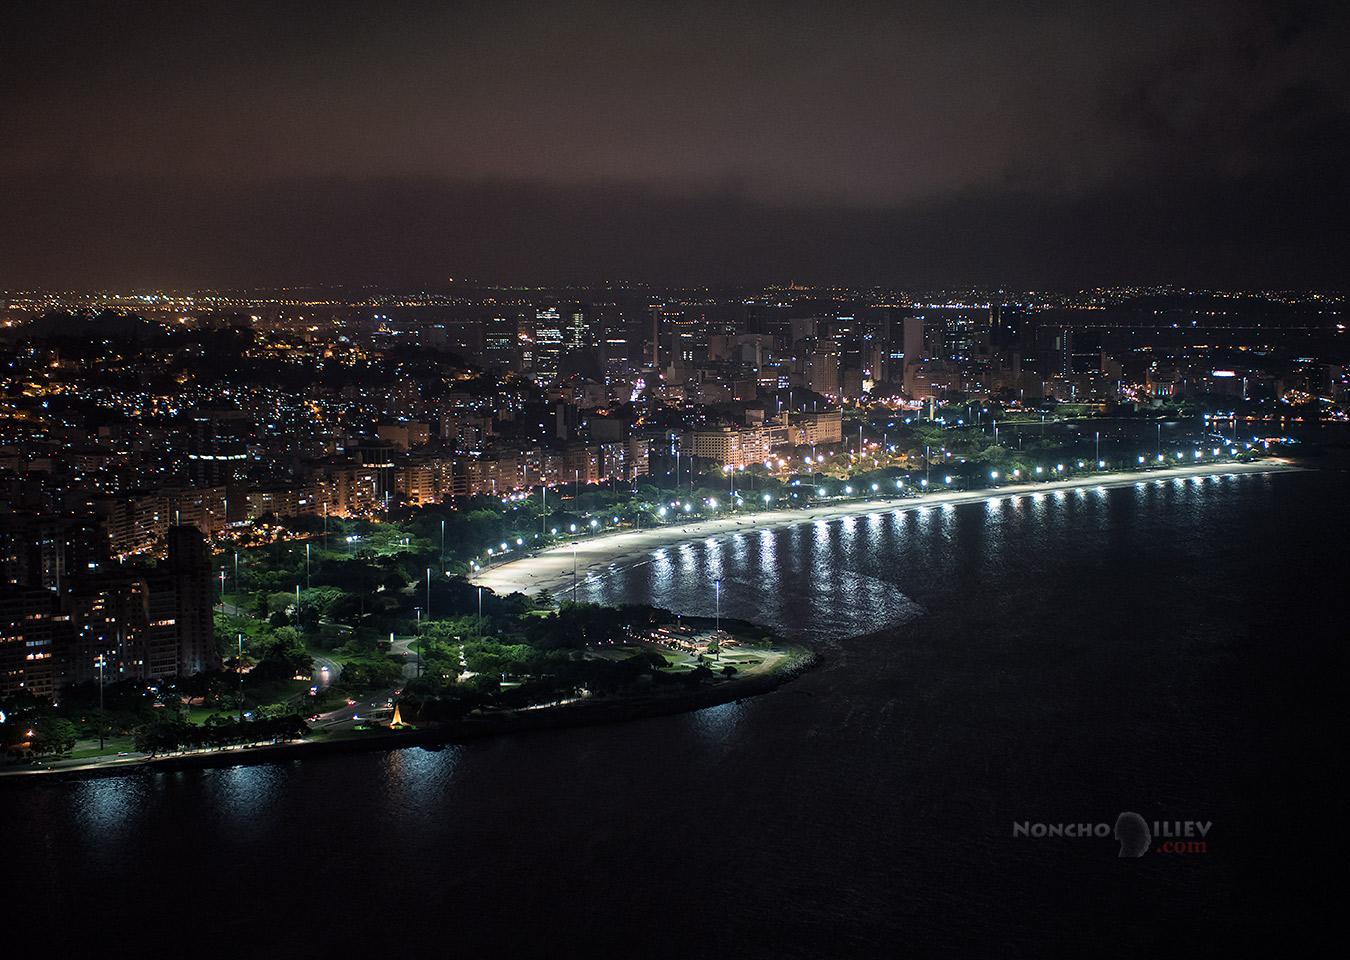 Нощ над централната част на Рио от Sugarloaf